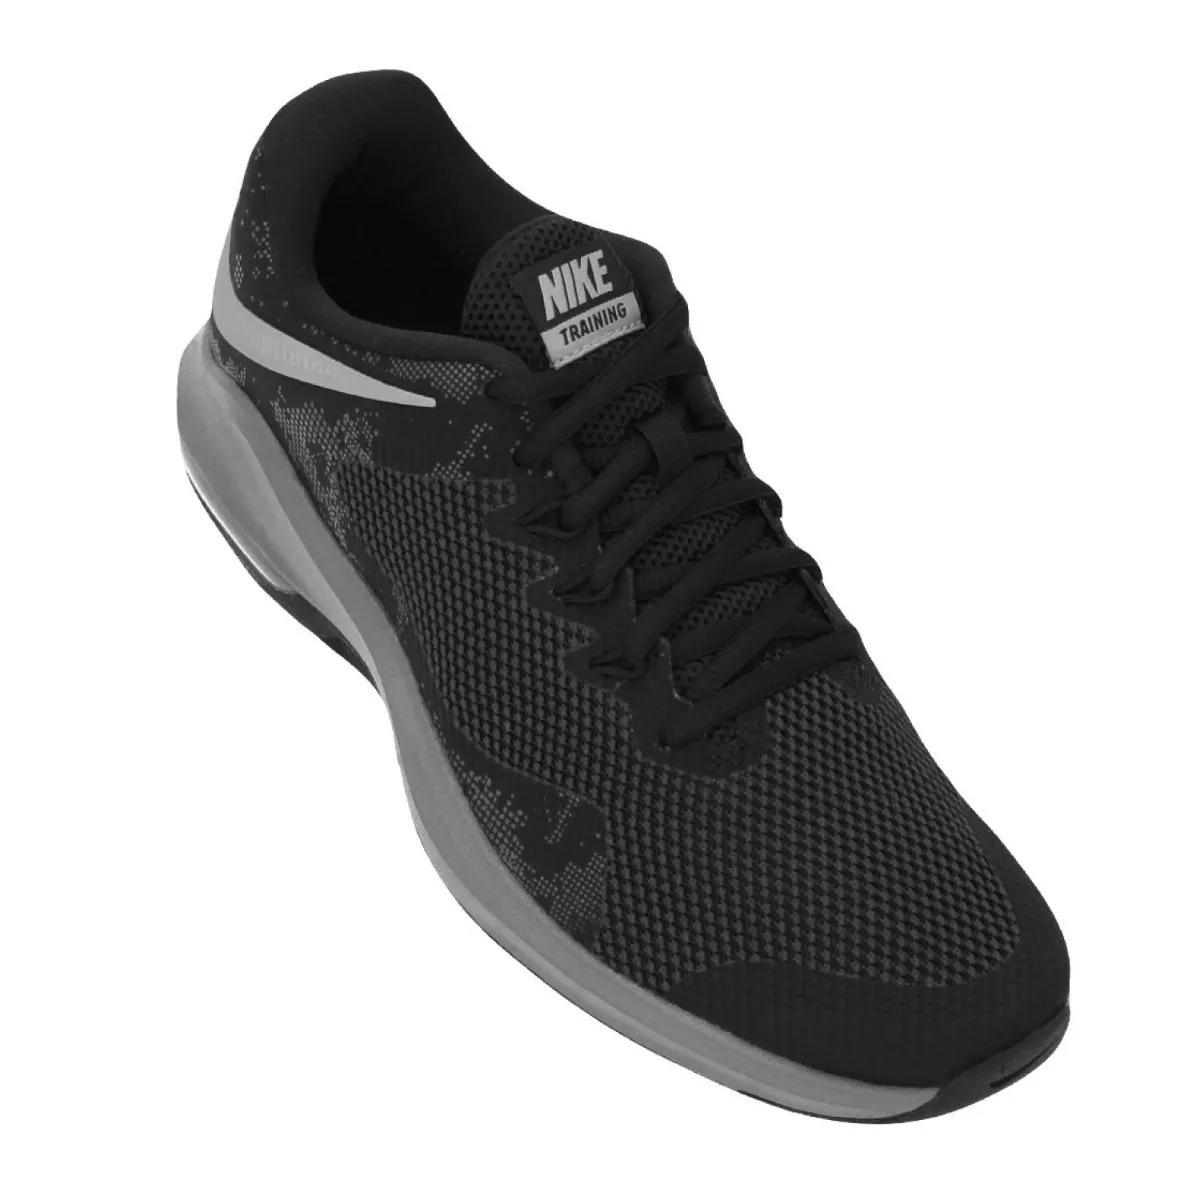 1005e7c9f1 Tenis Nike Air Max Alpha Trainer Negro Hombre 2651804 - $ 1,899.00 ...